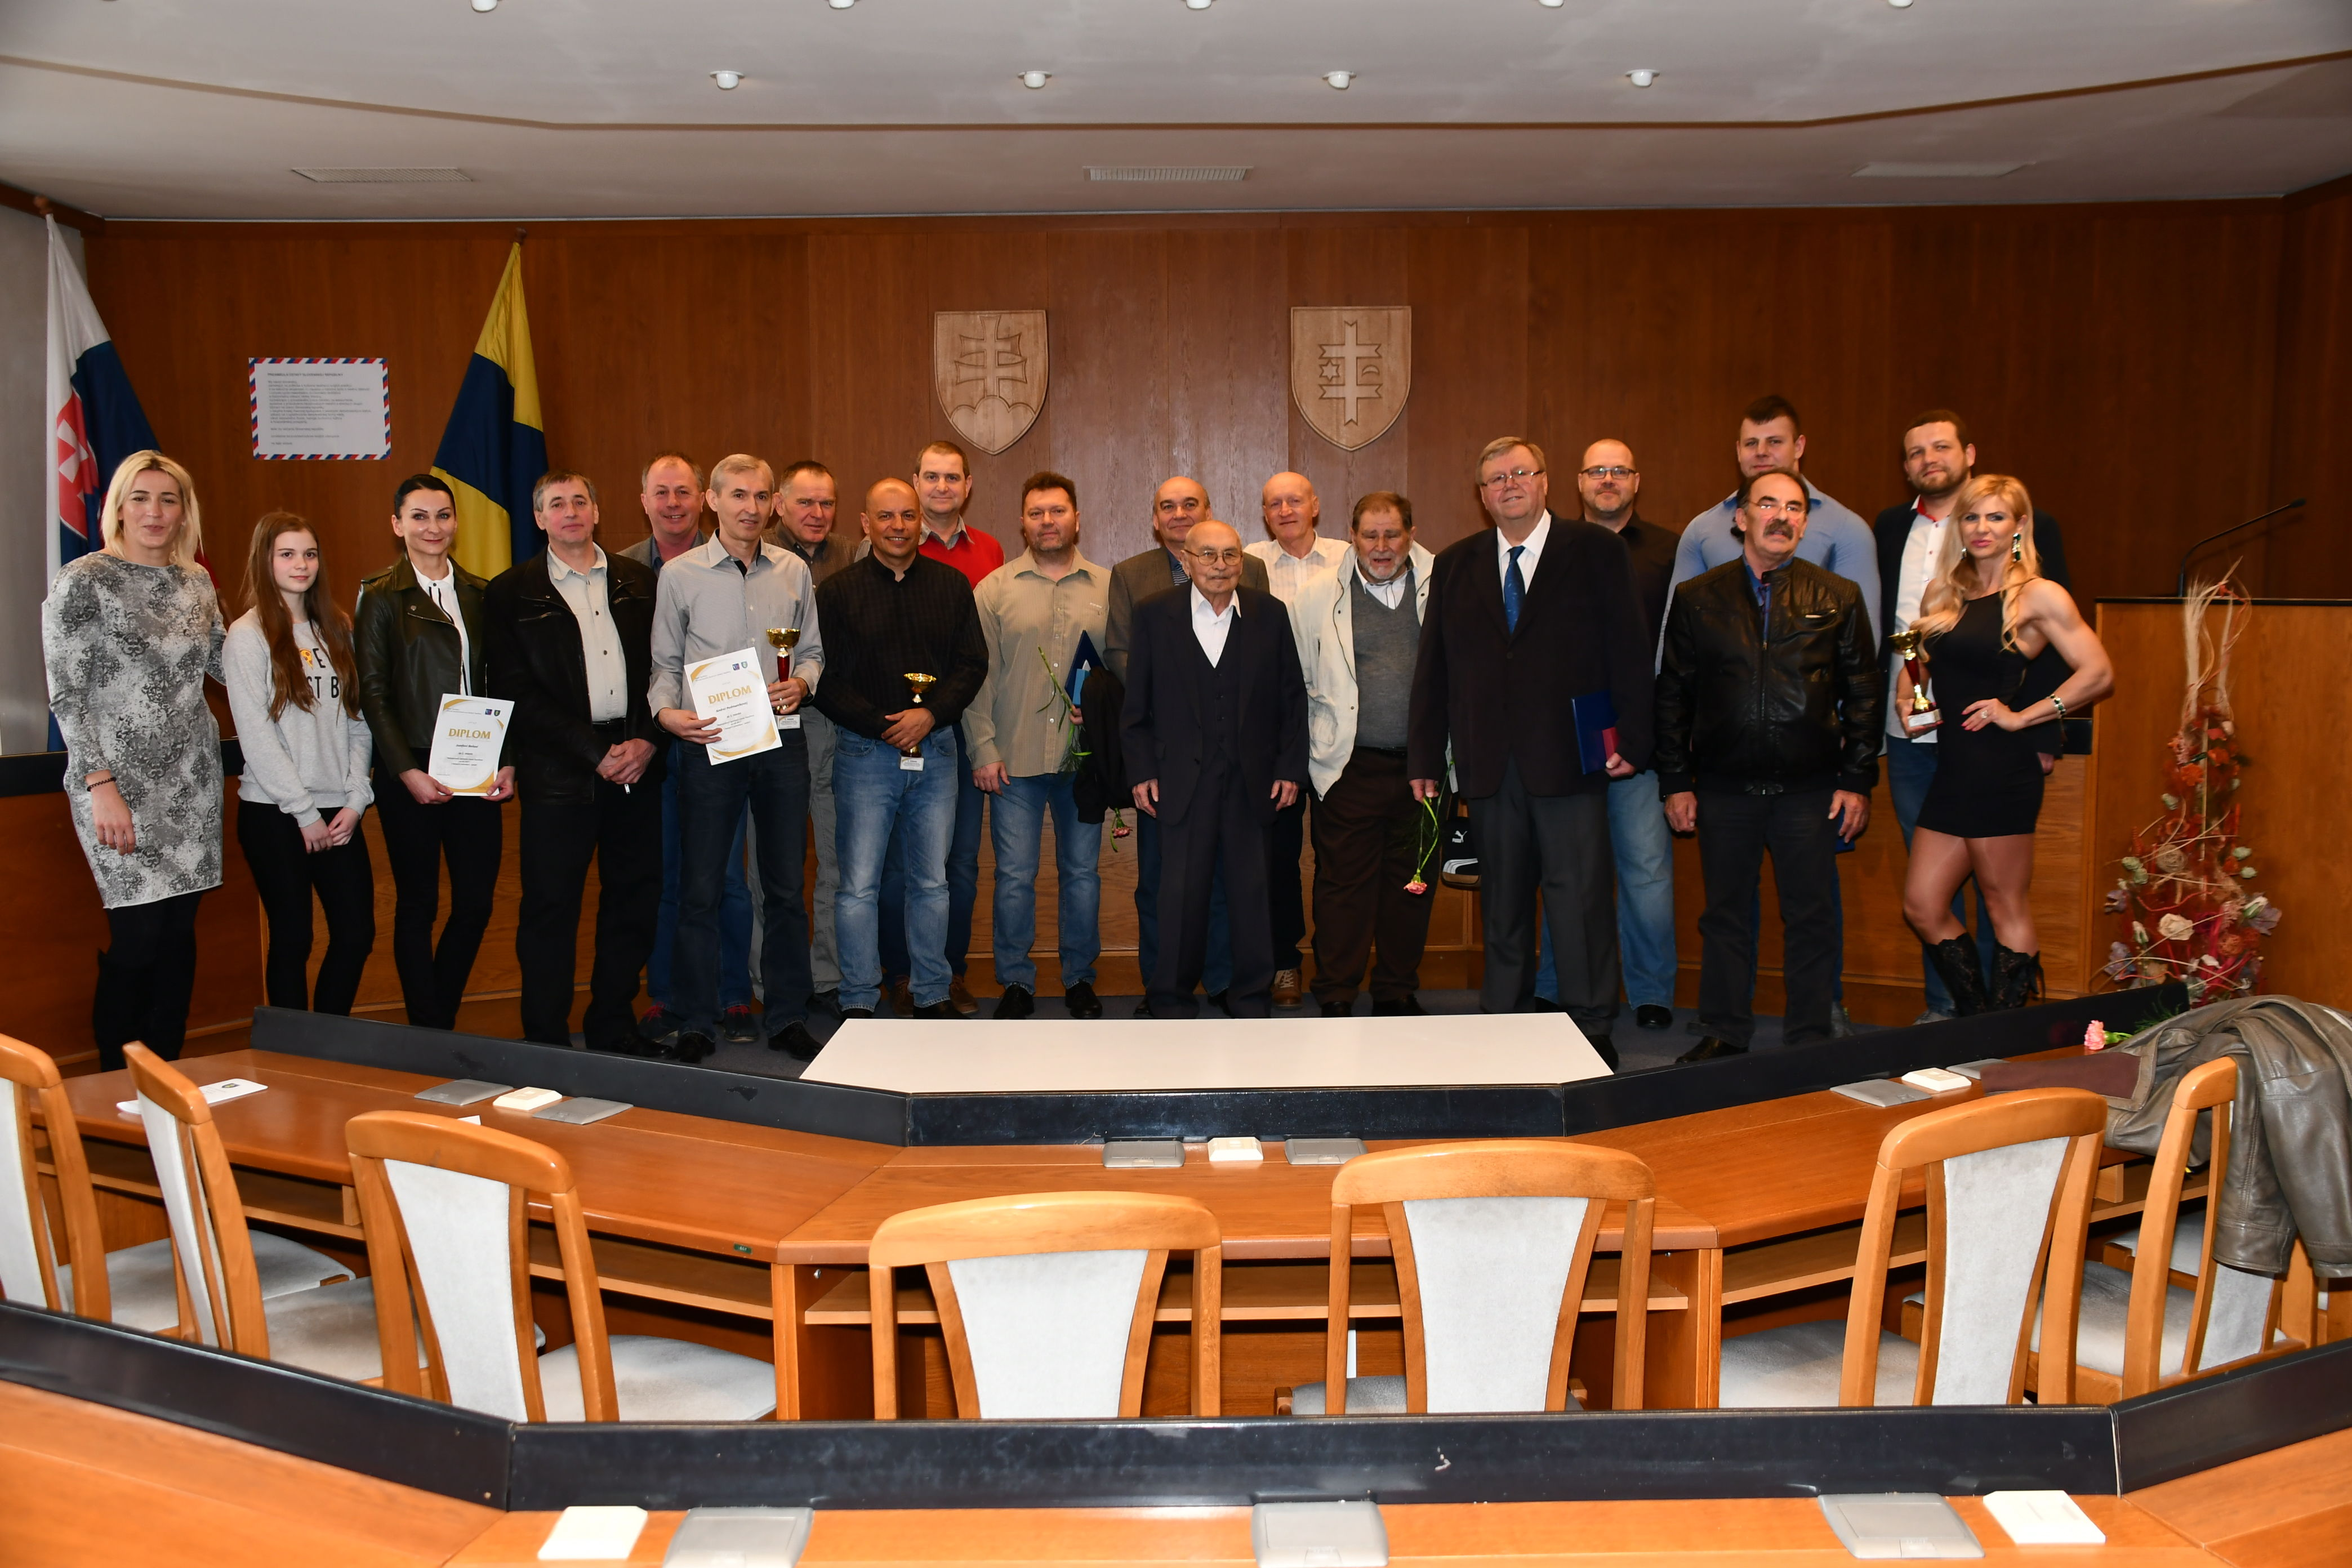 Ocenili najlepších športovcov mesta - Katalóg firiem  36c8a6c504b